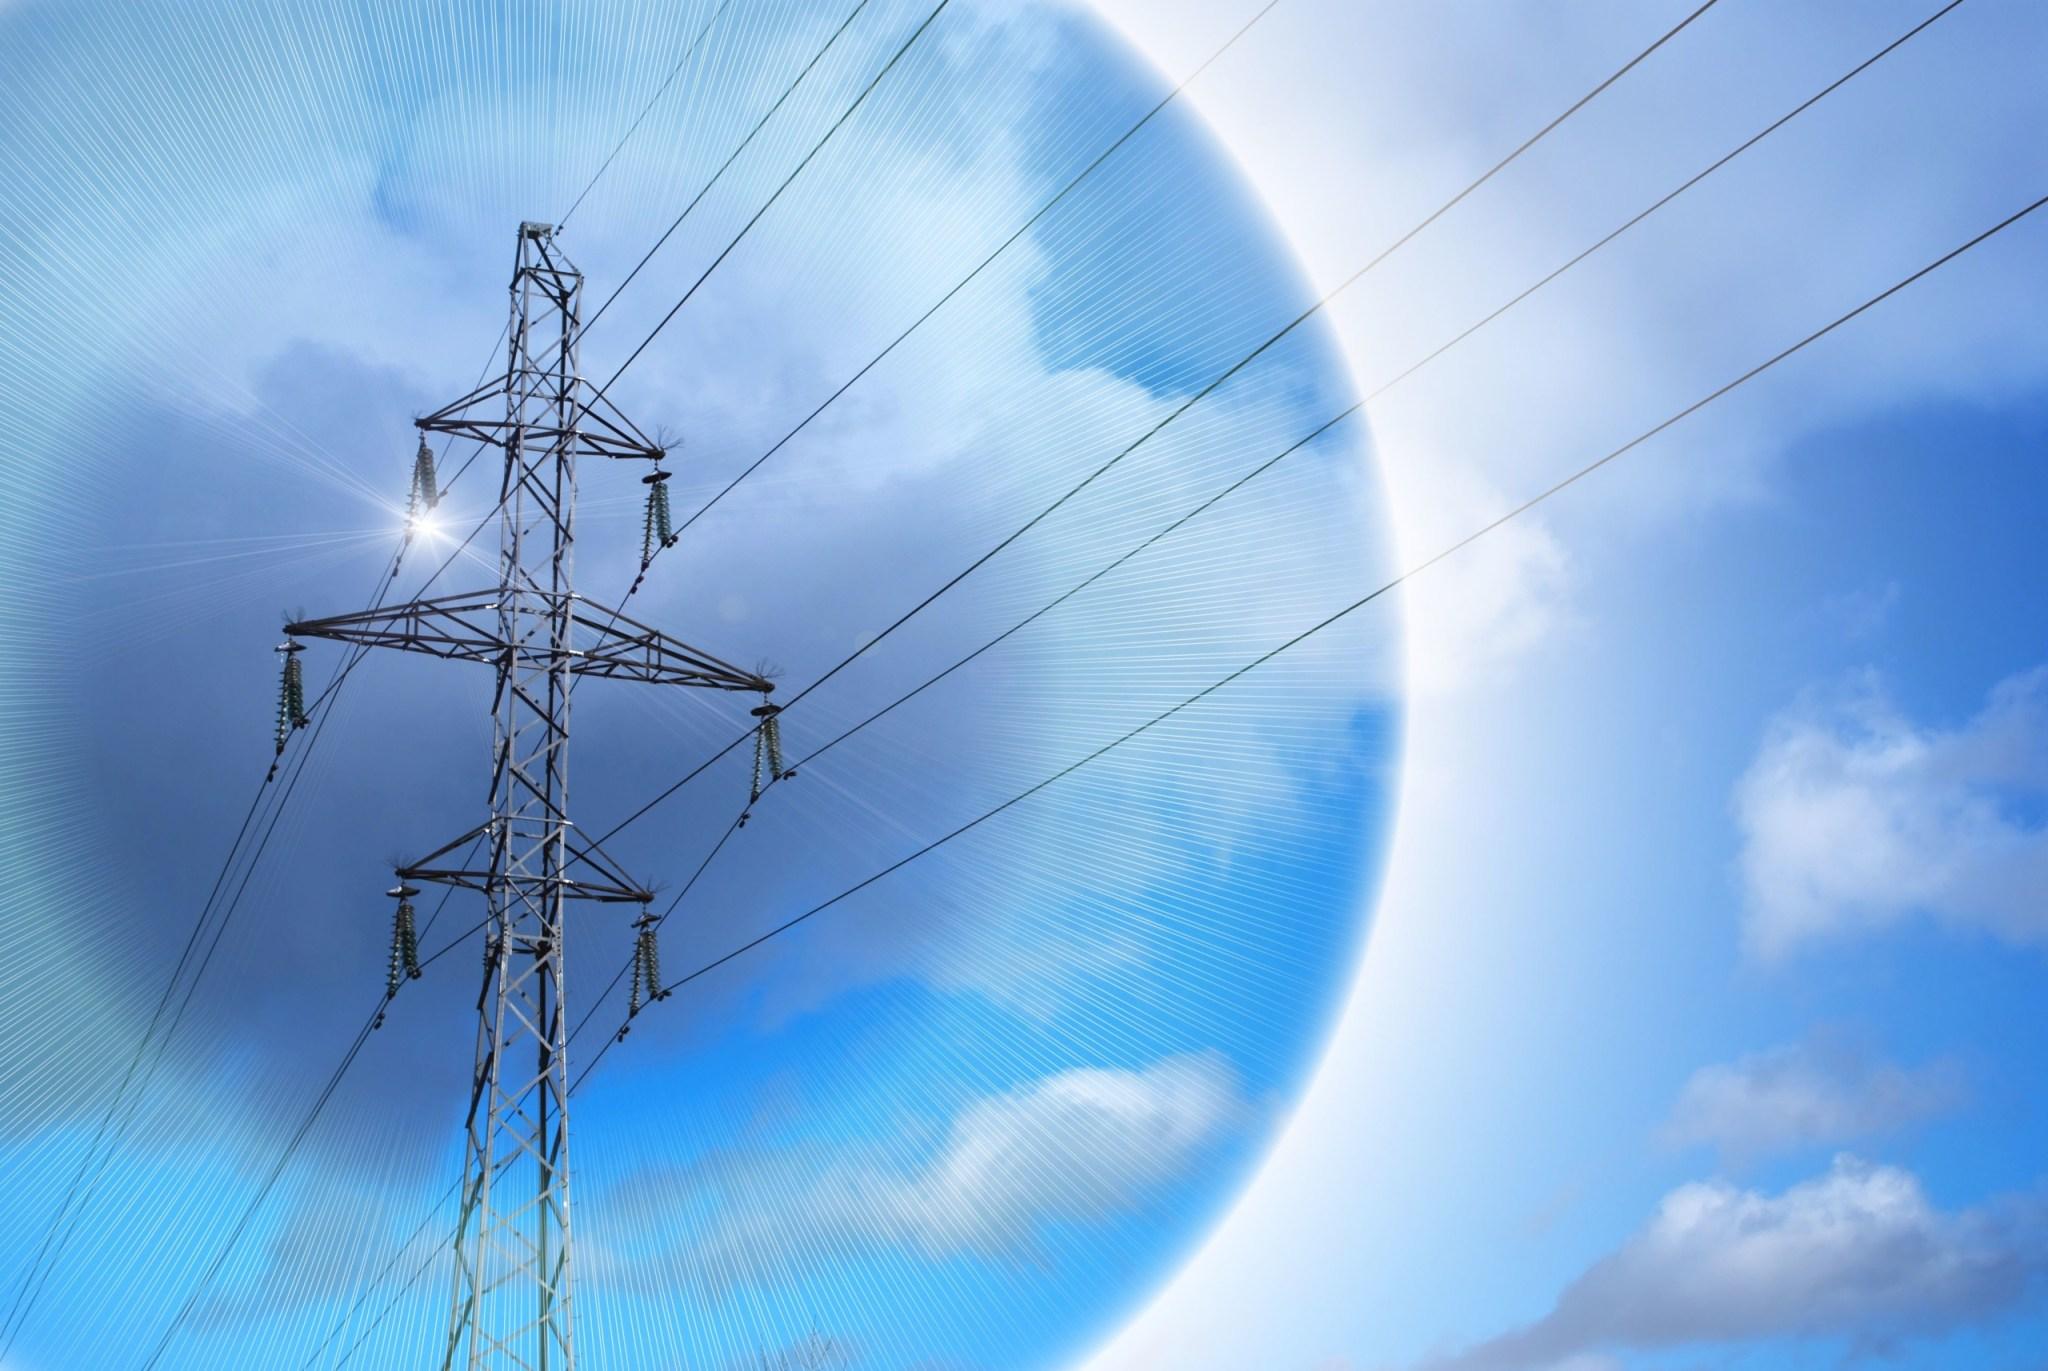 Кабмин отменил льготный тариф на электроэнергию для населения, с 1 января действует единый тариф 1,68 грн за 1 кВт·ч